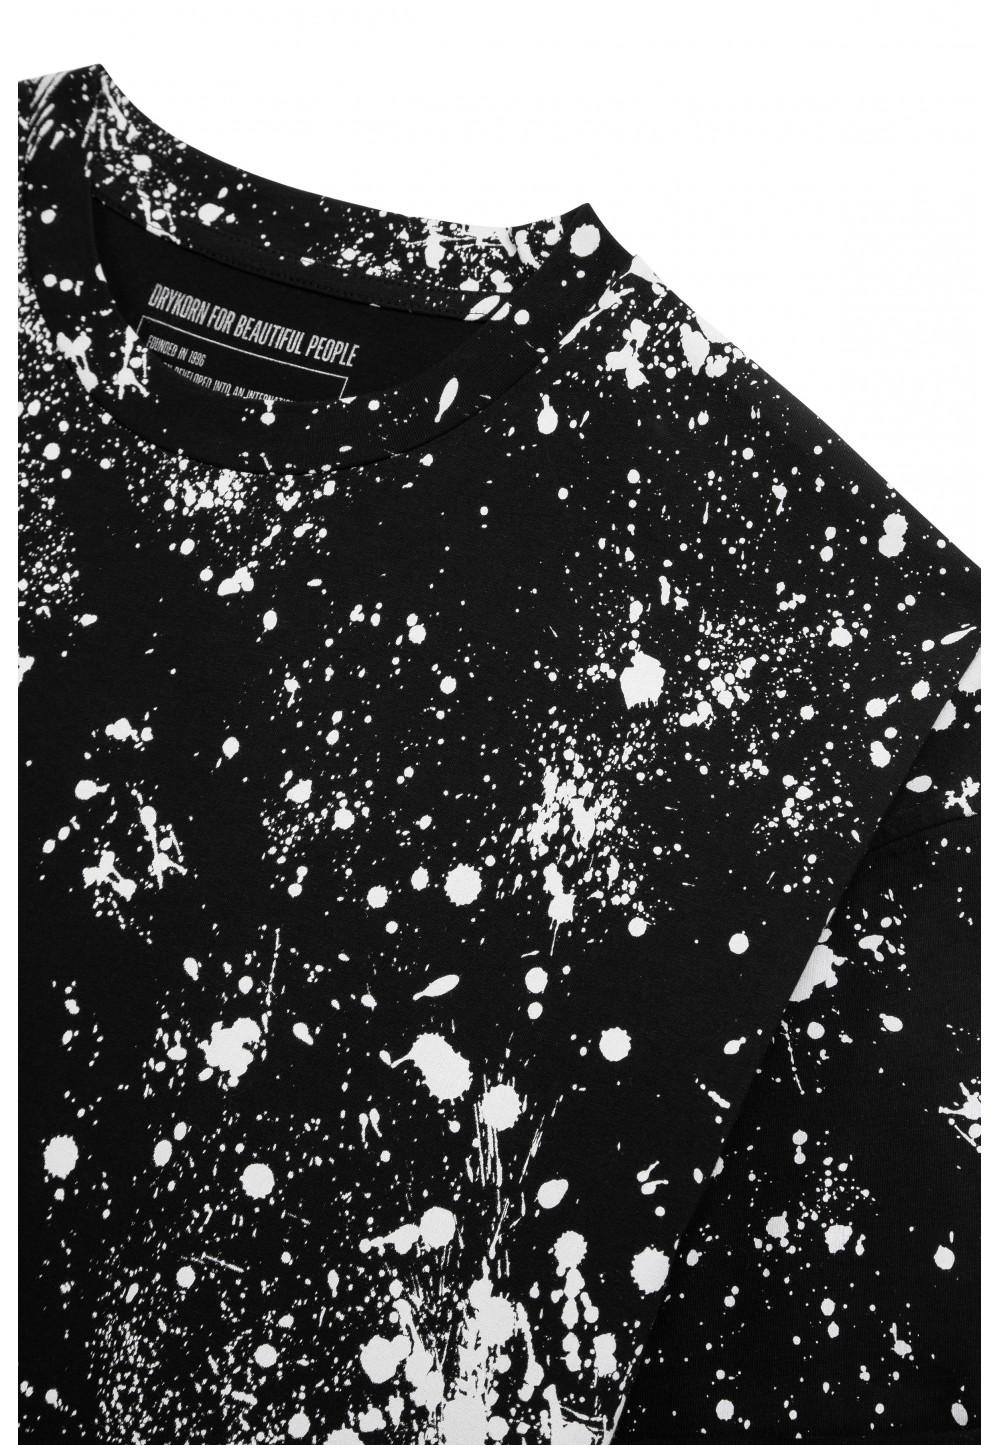 Мужская футболка THILO с брызгами краски